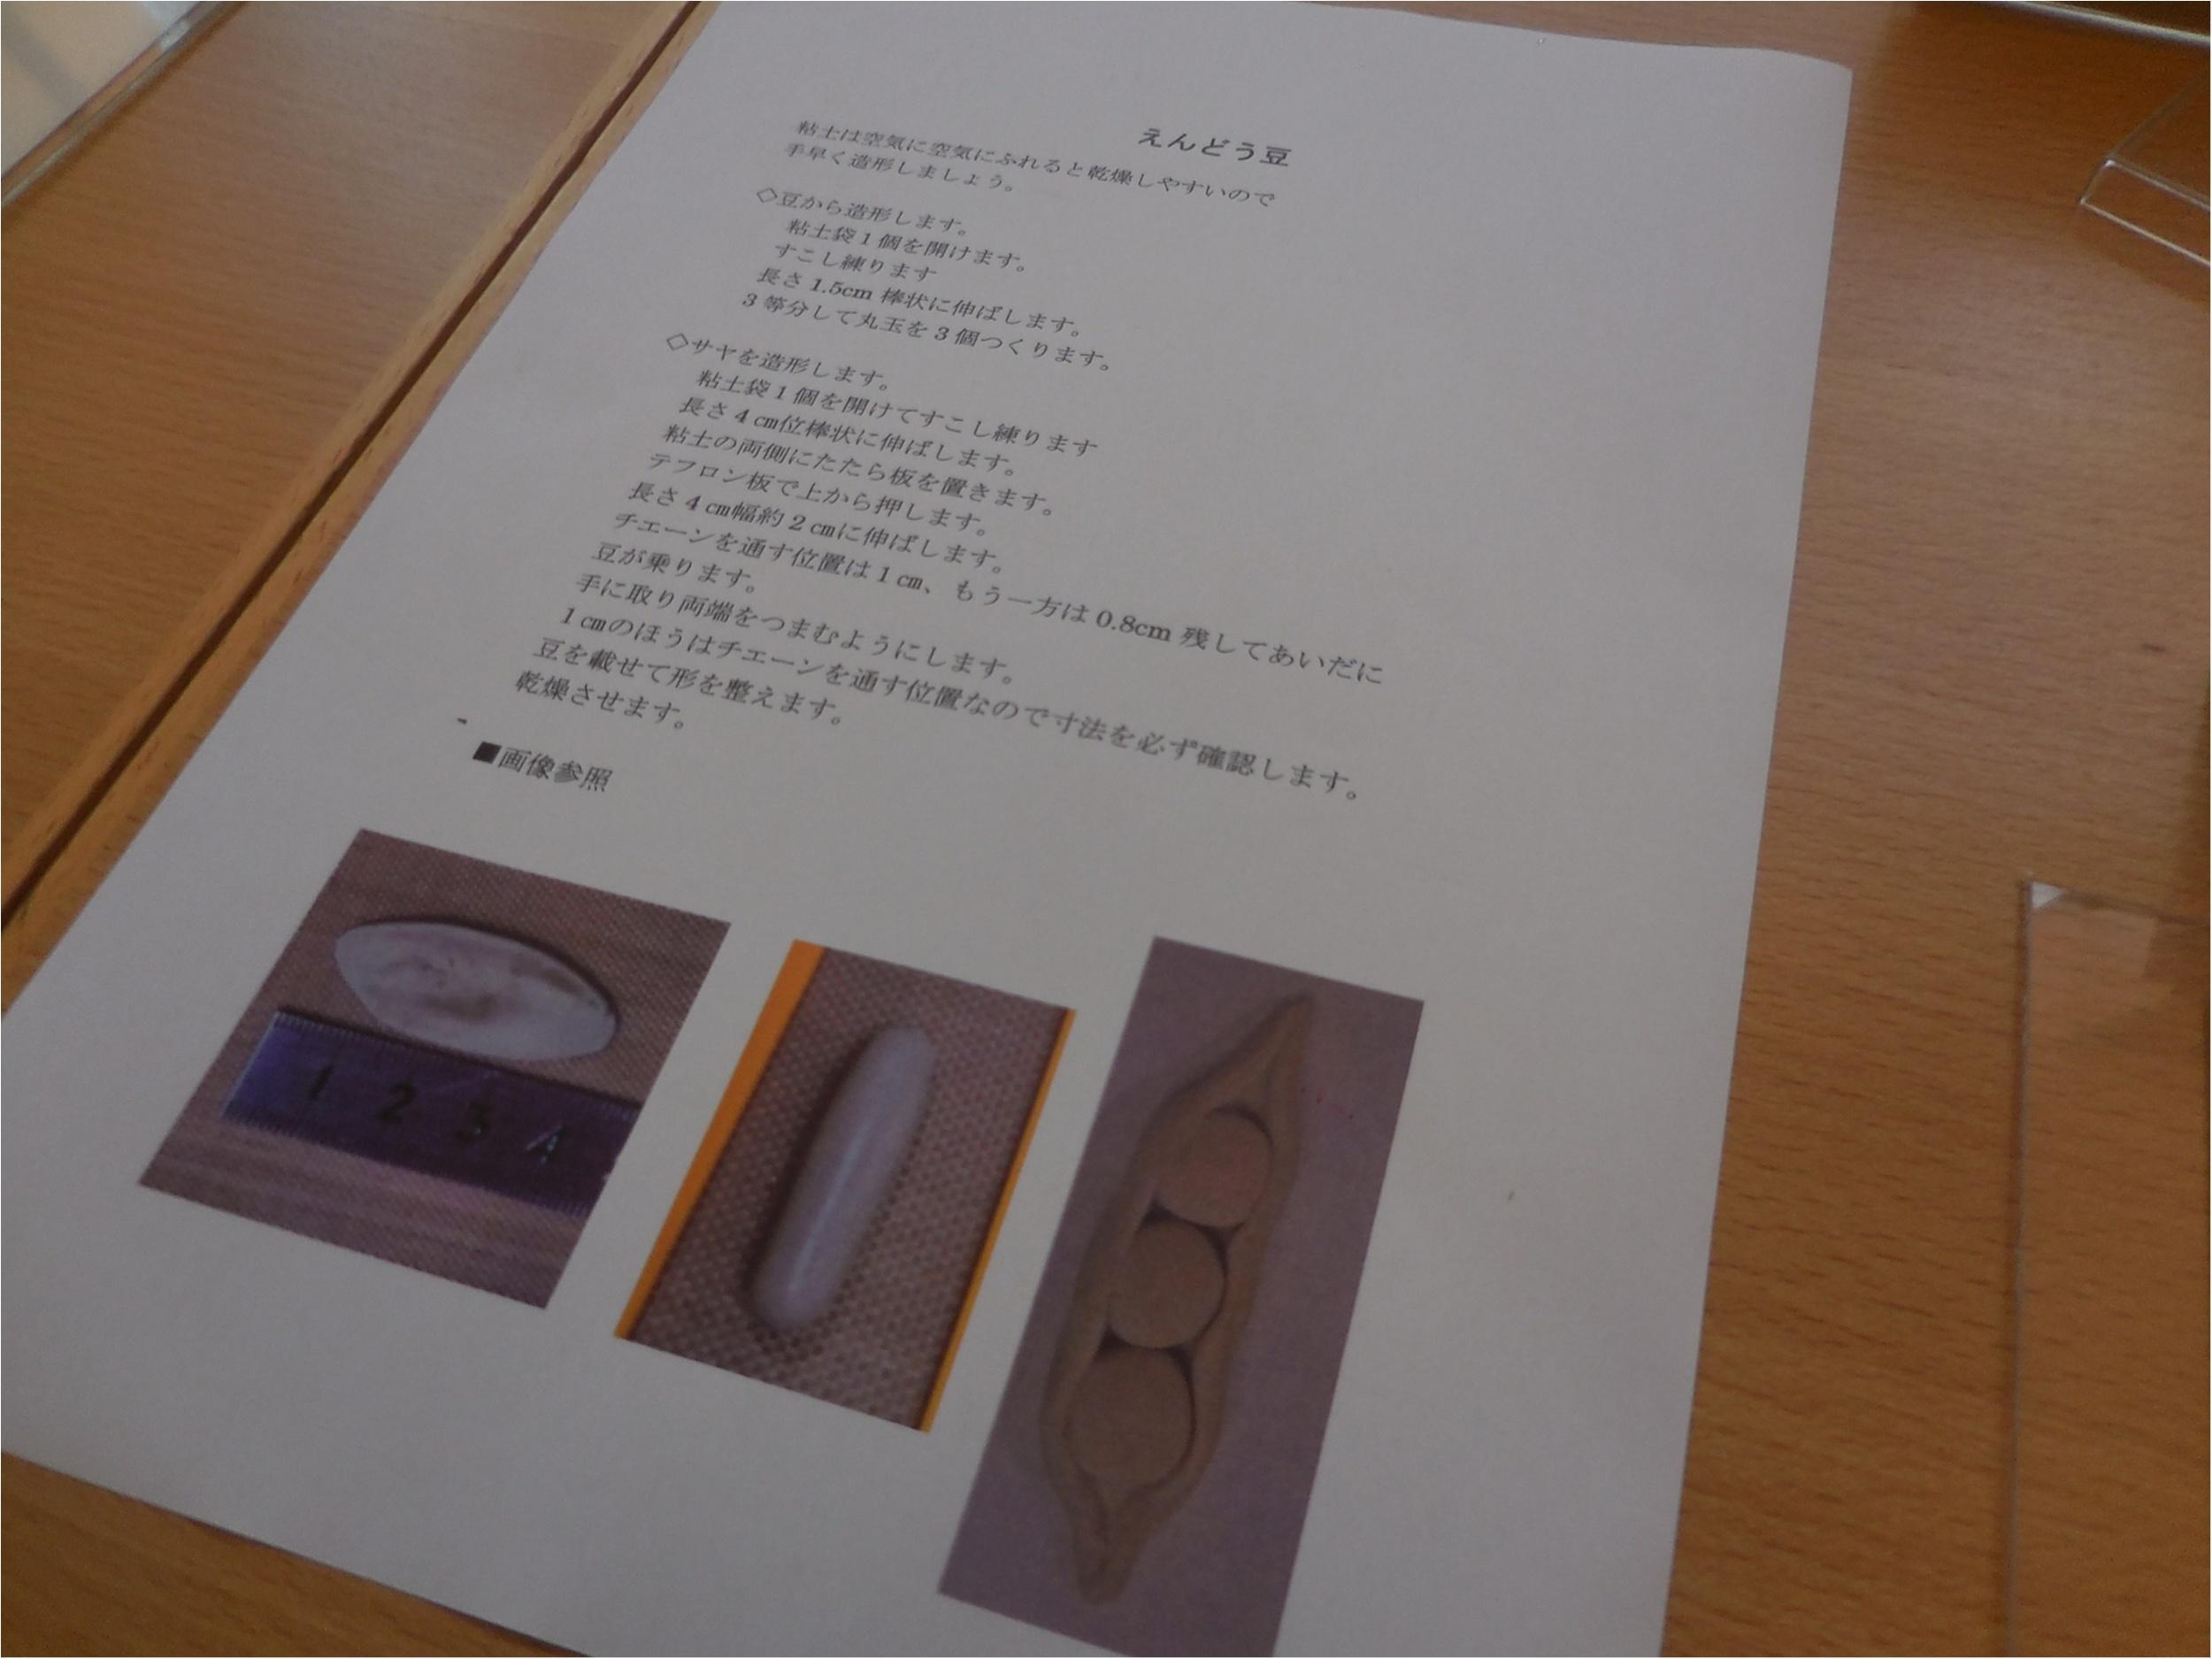 【ケユカ】純銀粘土で作るペンダントワークショップに参加してきました。_1